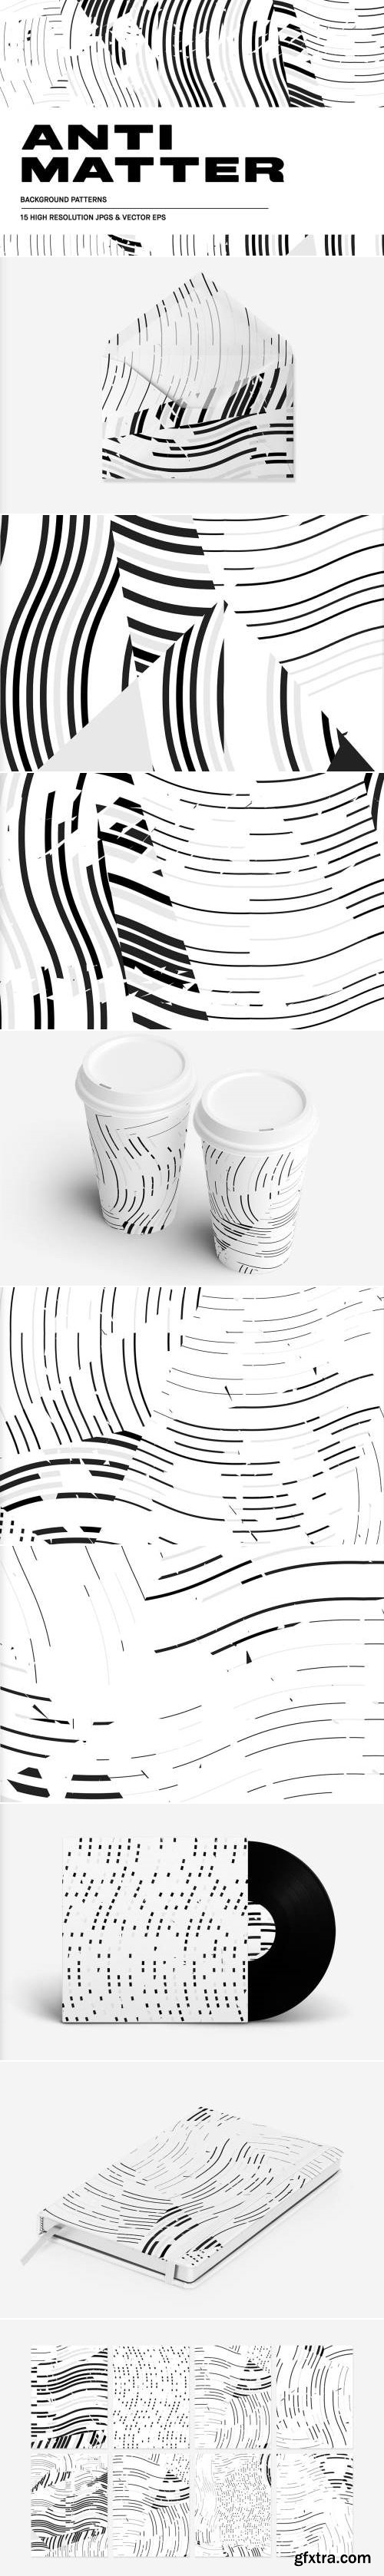 Anti Matter - Background Patterns